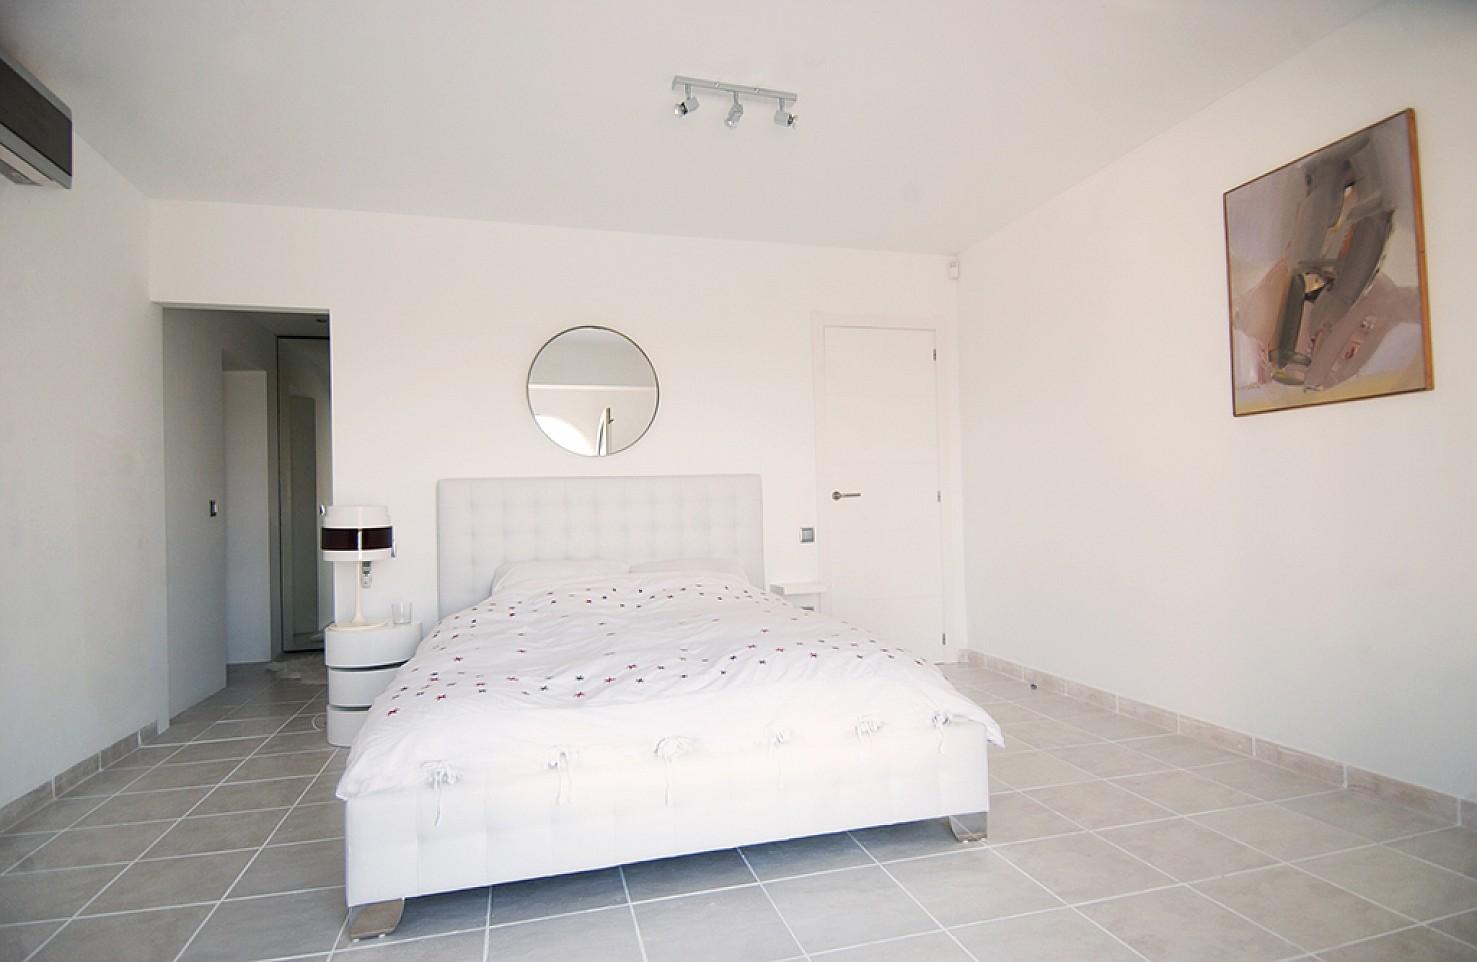 Шикарная спальня виллы в аренду в Сан Хосе